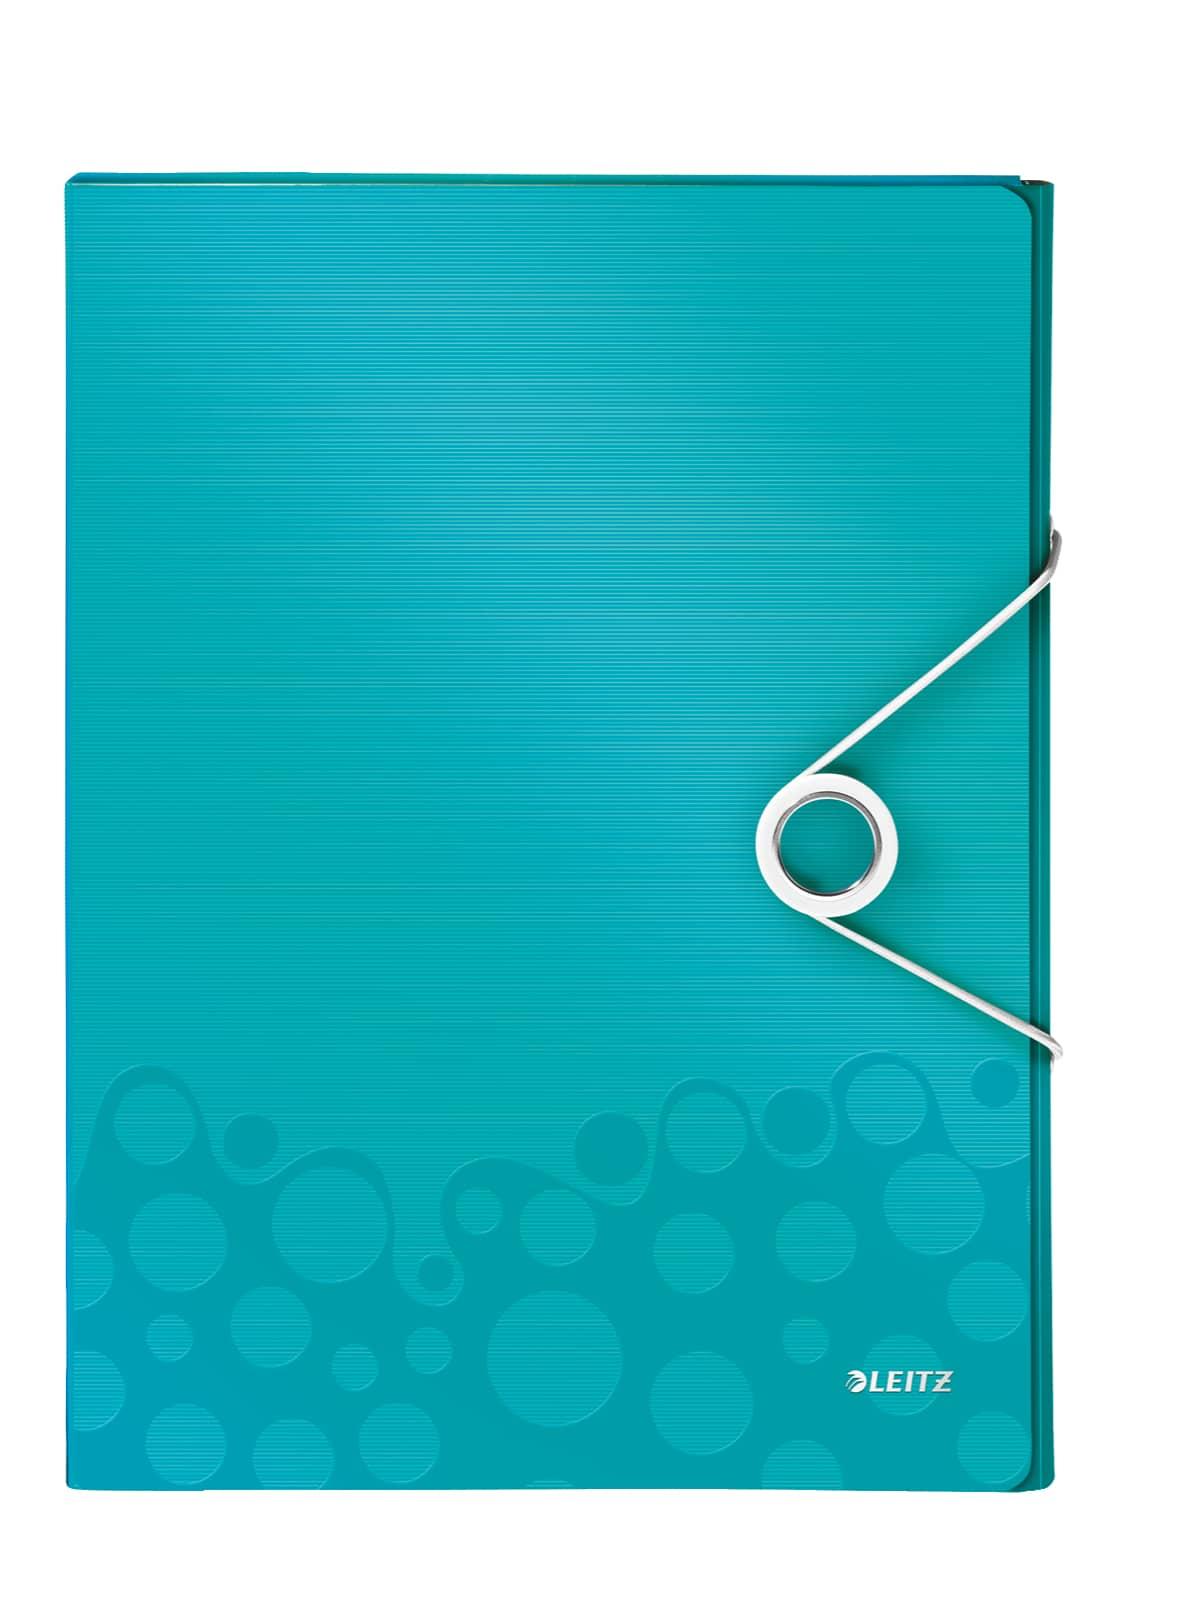 Leitz Heftbox Wow A4 Eisblau G Nstig Online Kaufen